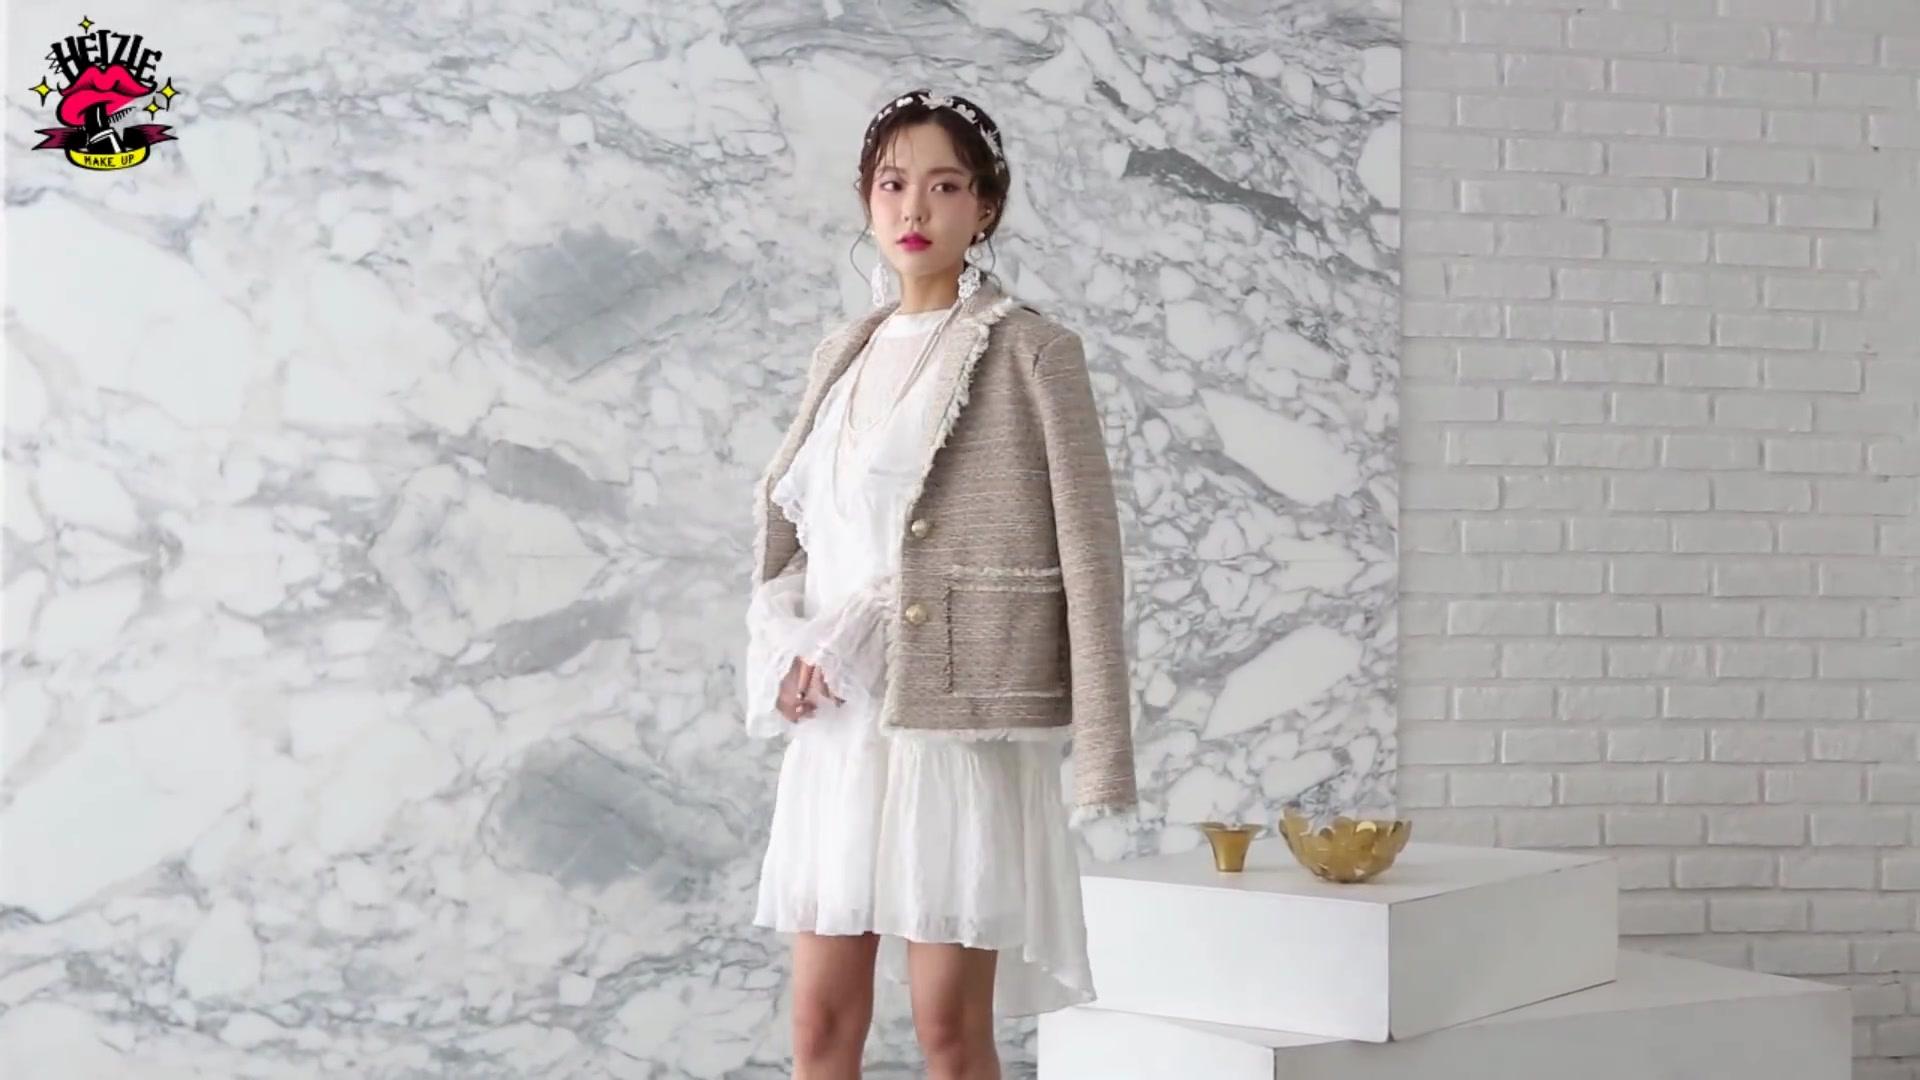 DIA TV Original: Heizle Episode 70: Heizle Fashion Store 2